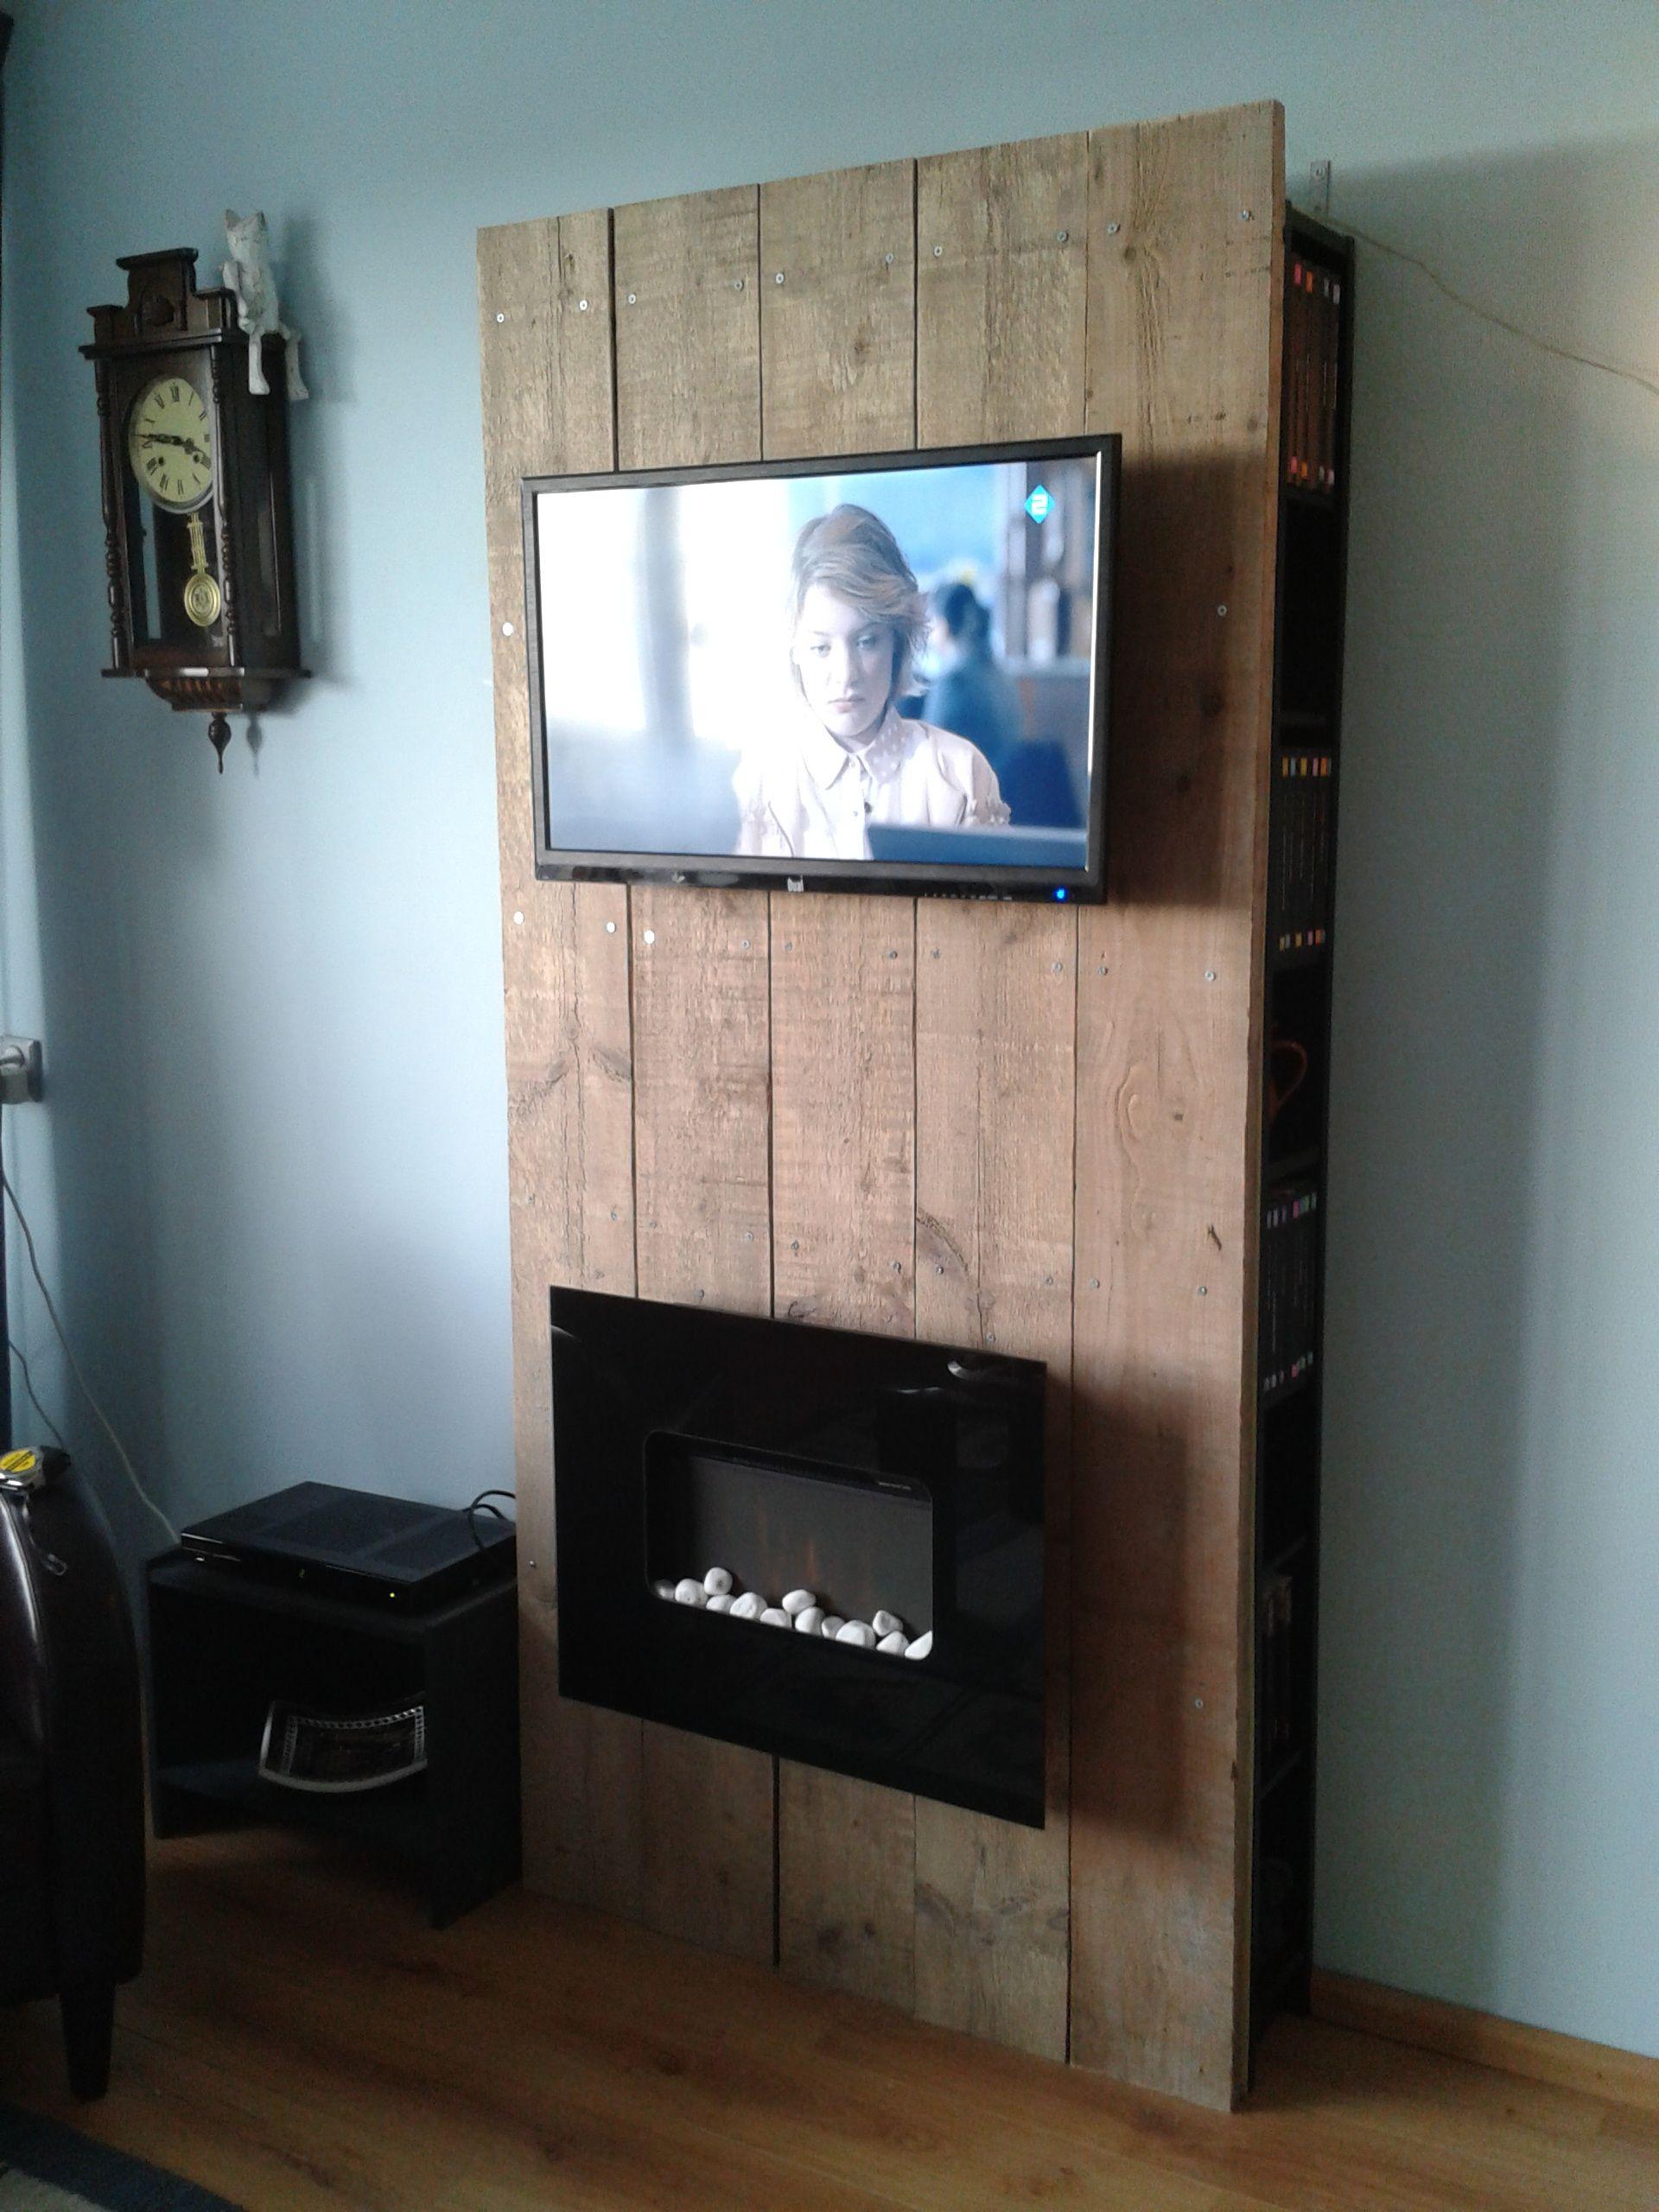 Betere TV met achterwand van steigerhout van BBMeubelen | Huiskamerideeën LS-93